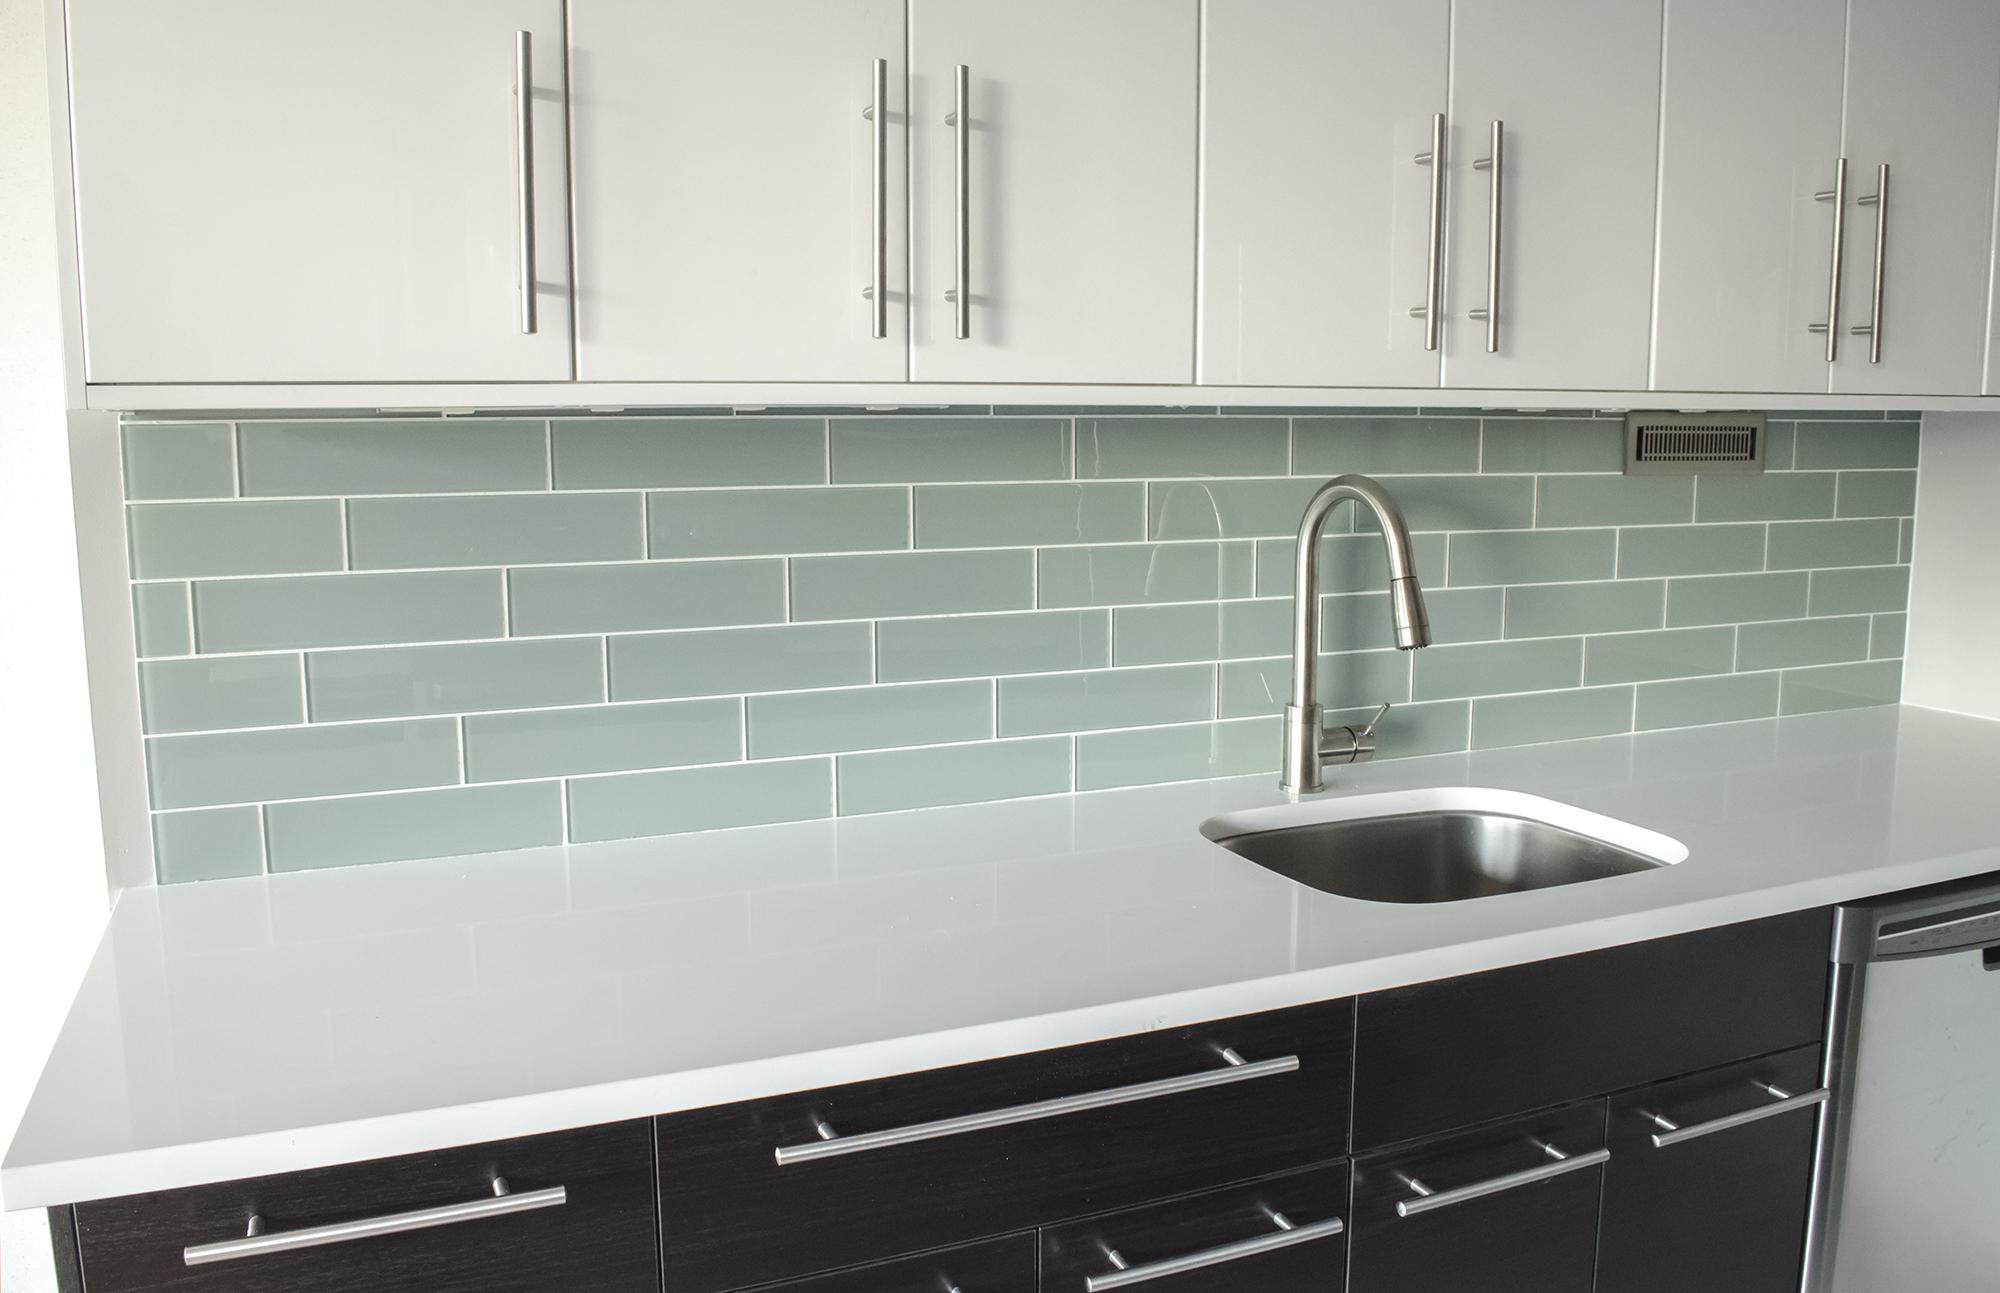 glass tiles for kitchen kitchen glass backsplash IKEA Kitchen Backsplash Tiles